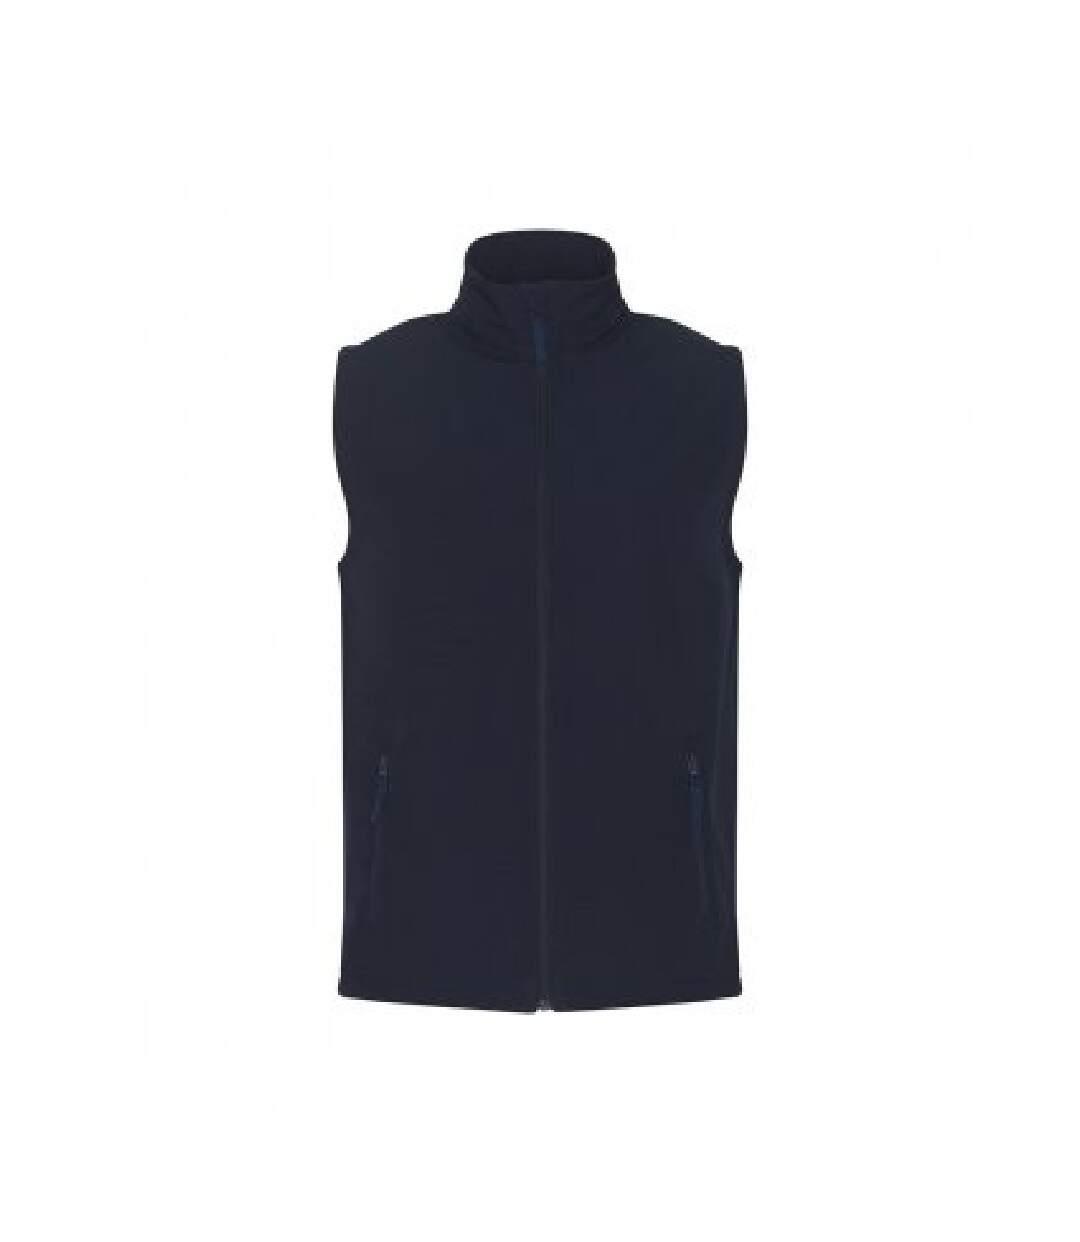 Pro Rtx - Veste Sans Manches En Softshell Pro - Homme (Charbon) - UTPC3251